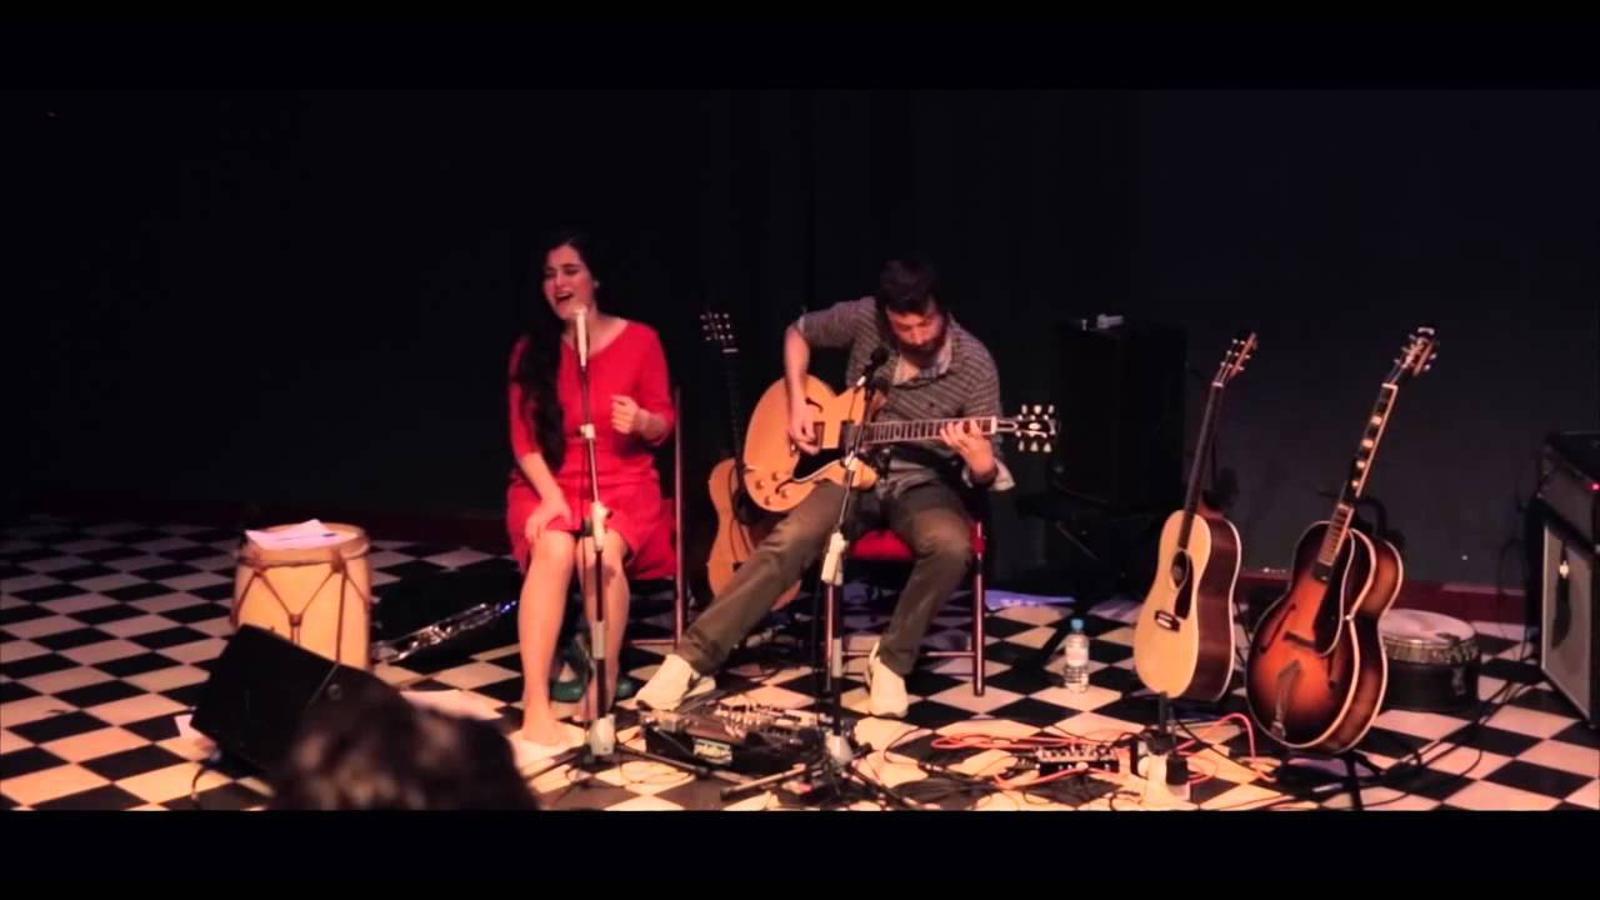 Sílvia Pérez Cruz i Refree interpreten 'Pequeño vals vienés'